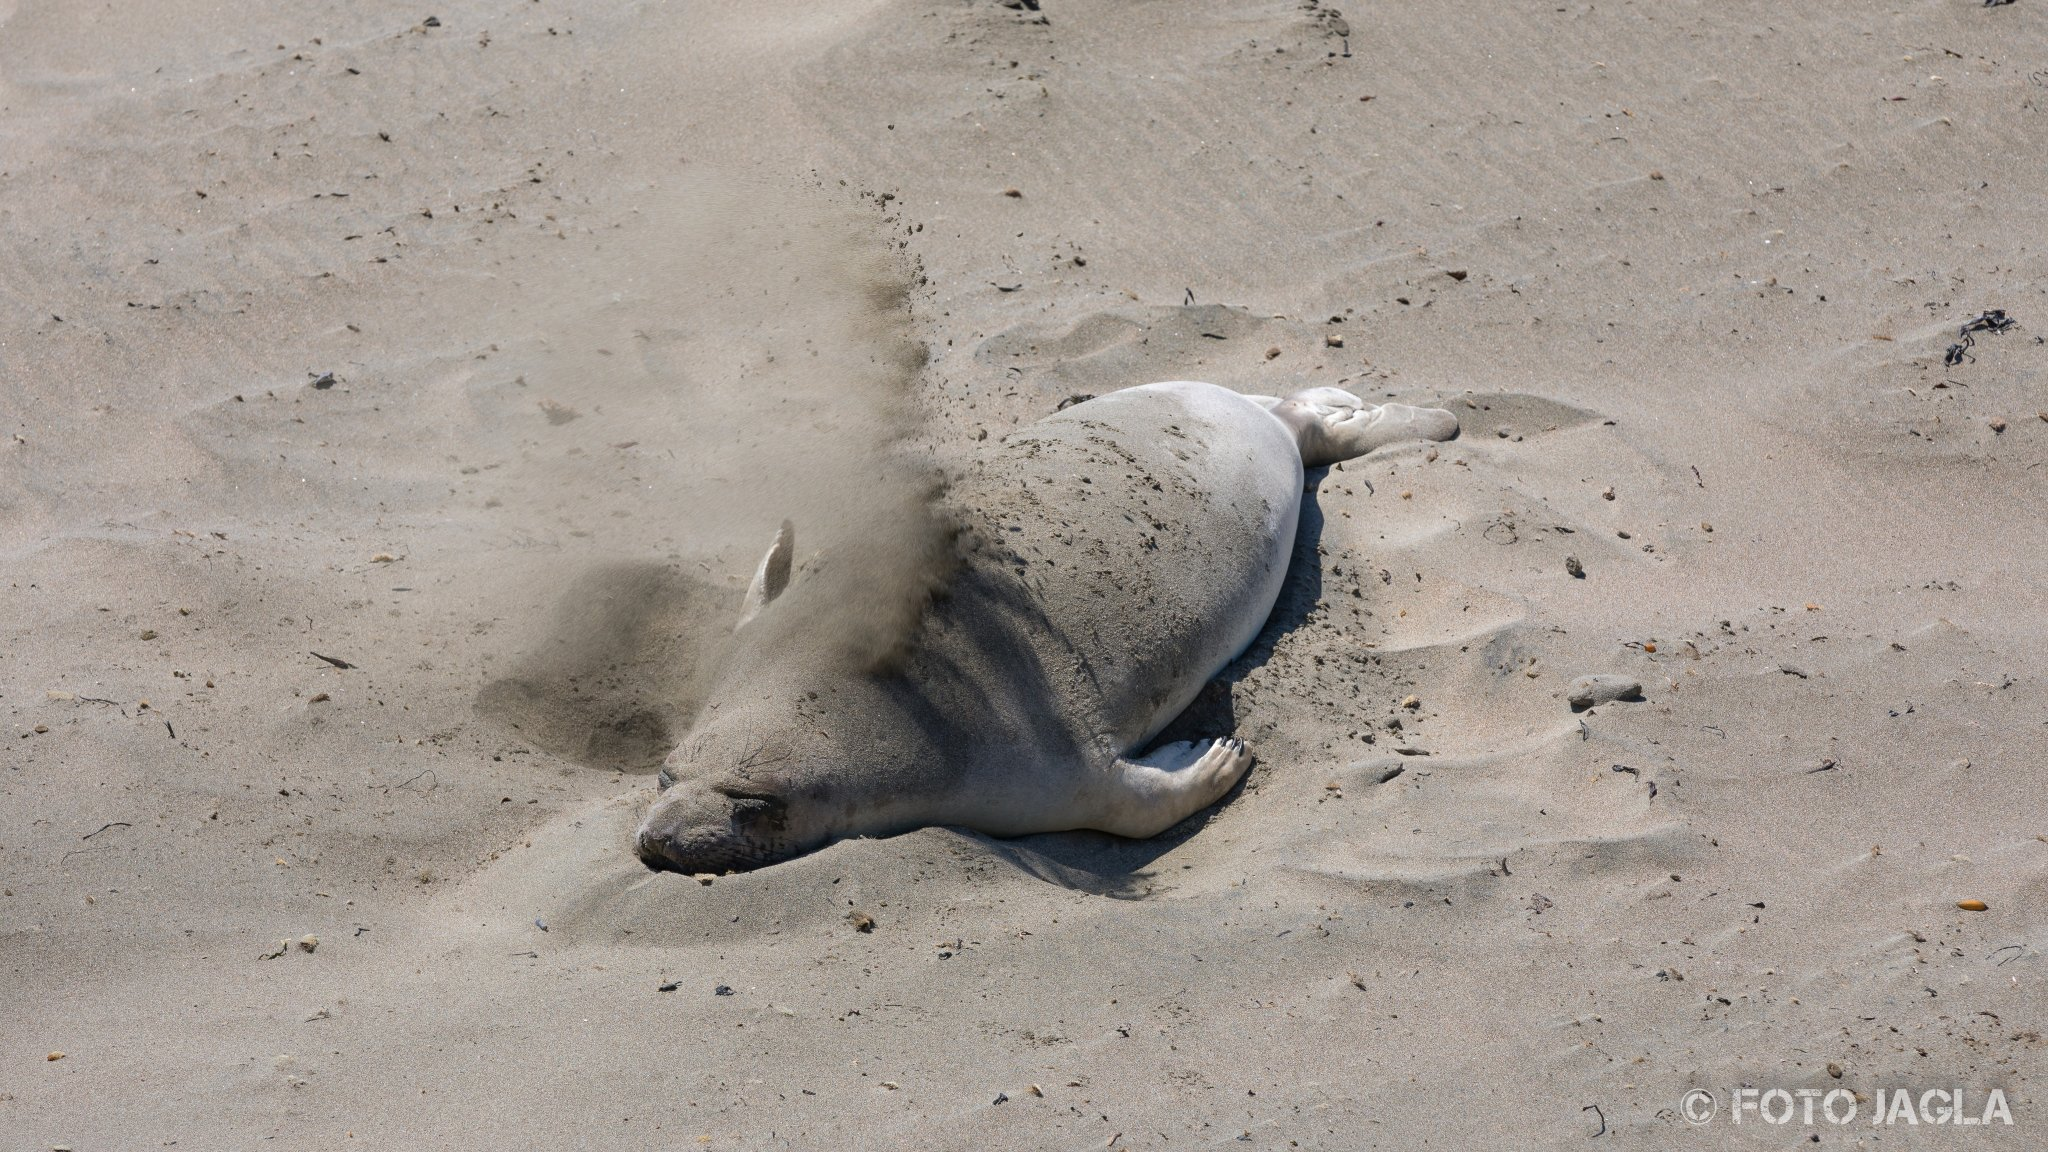 Kalifornien - September 2018 See-Elefanten (die größten Robben der Welt) an der kalifornischen Westküste Highway 1 - Elephant Seal Vista Point